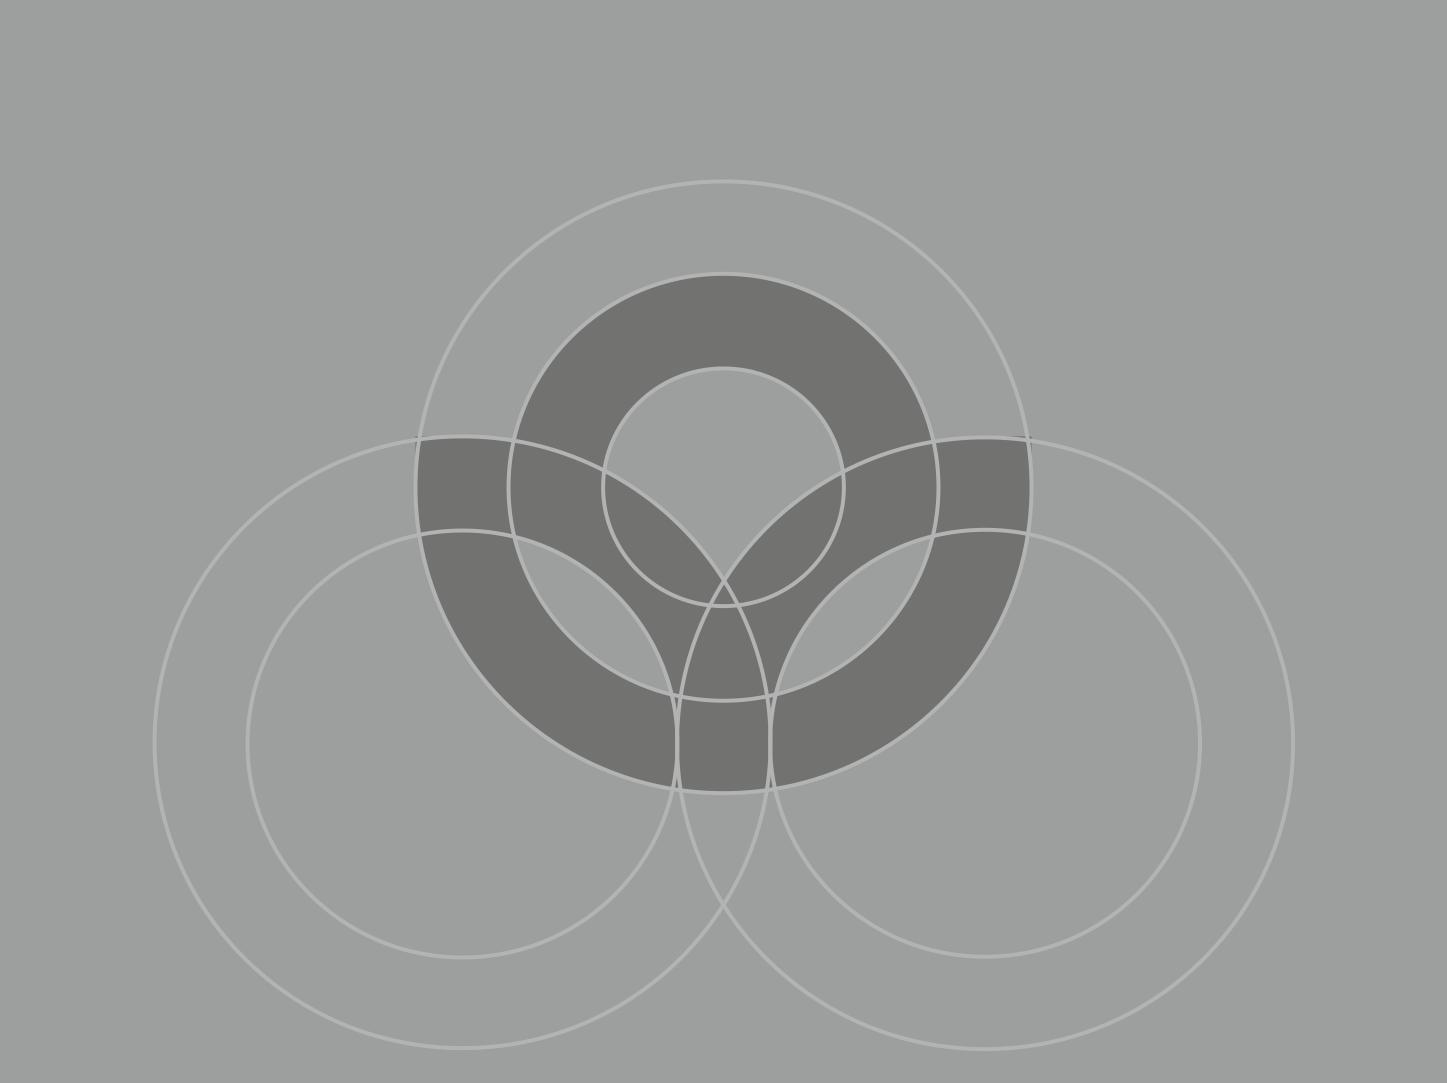 Логотип интернет-магазина здоровой еды фото f_3345cd380ece3a9e.png